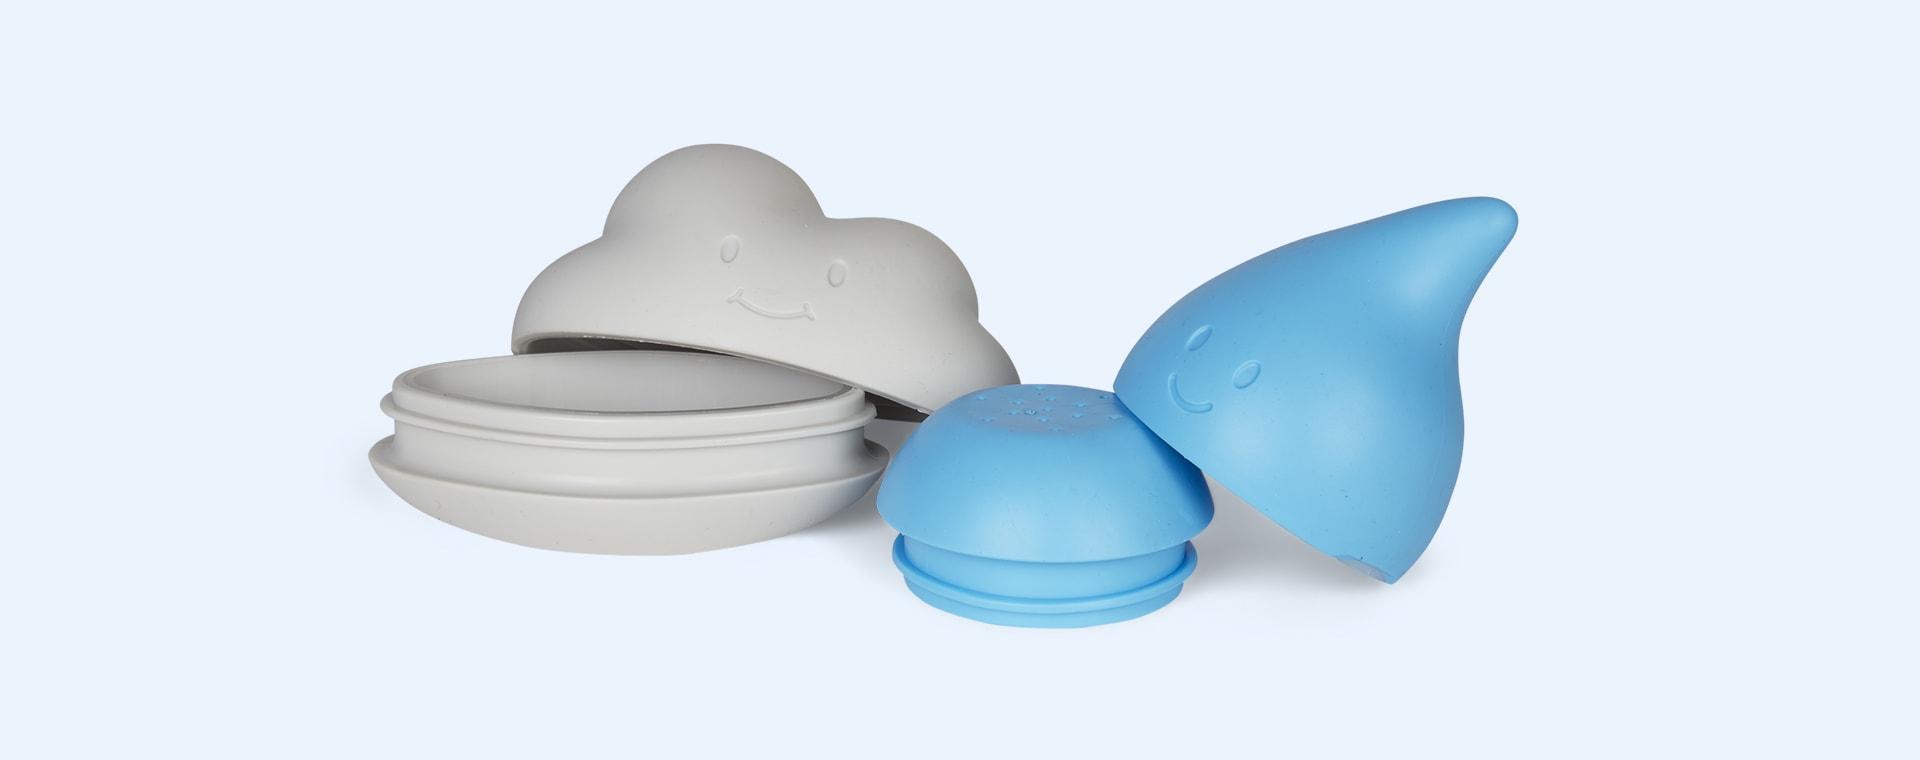 Blue ubbi Cloud and Droplet Bath Toys